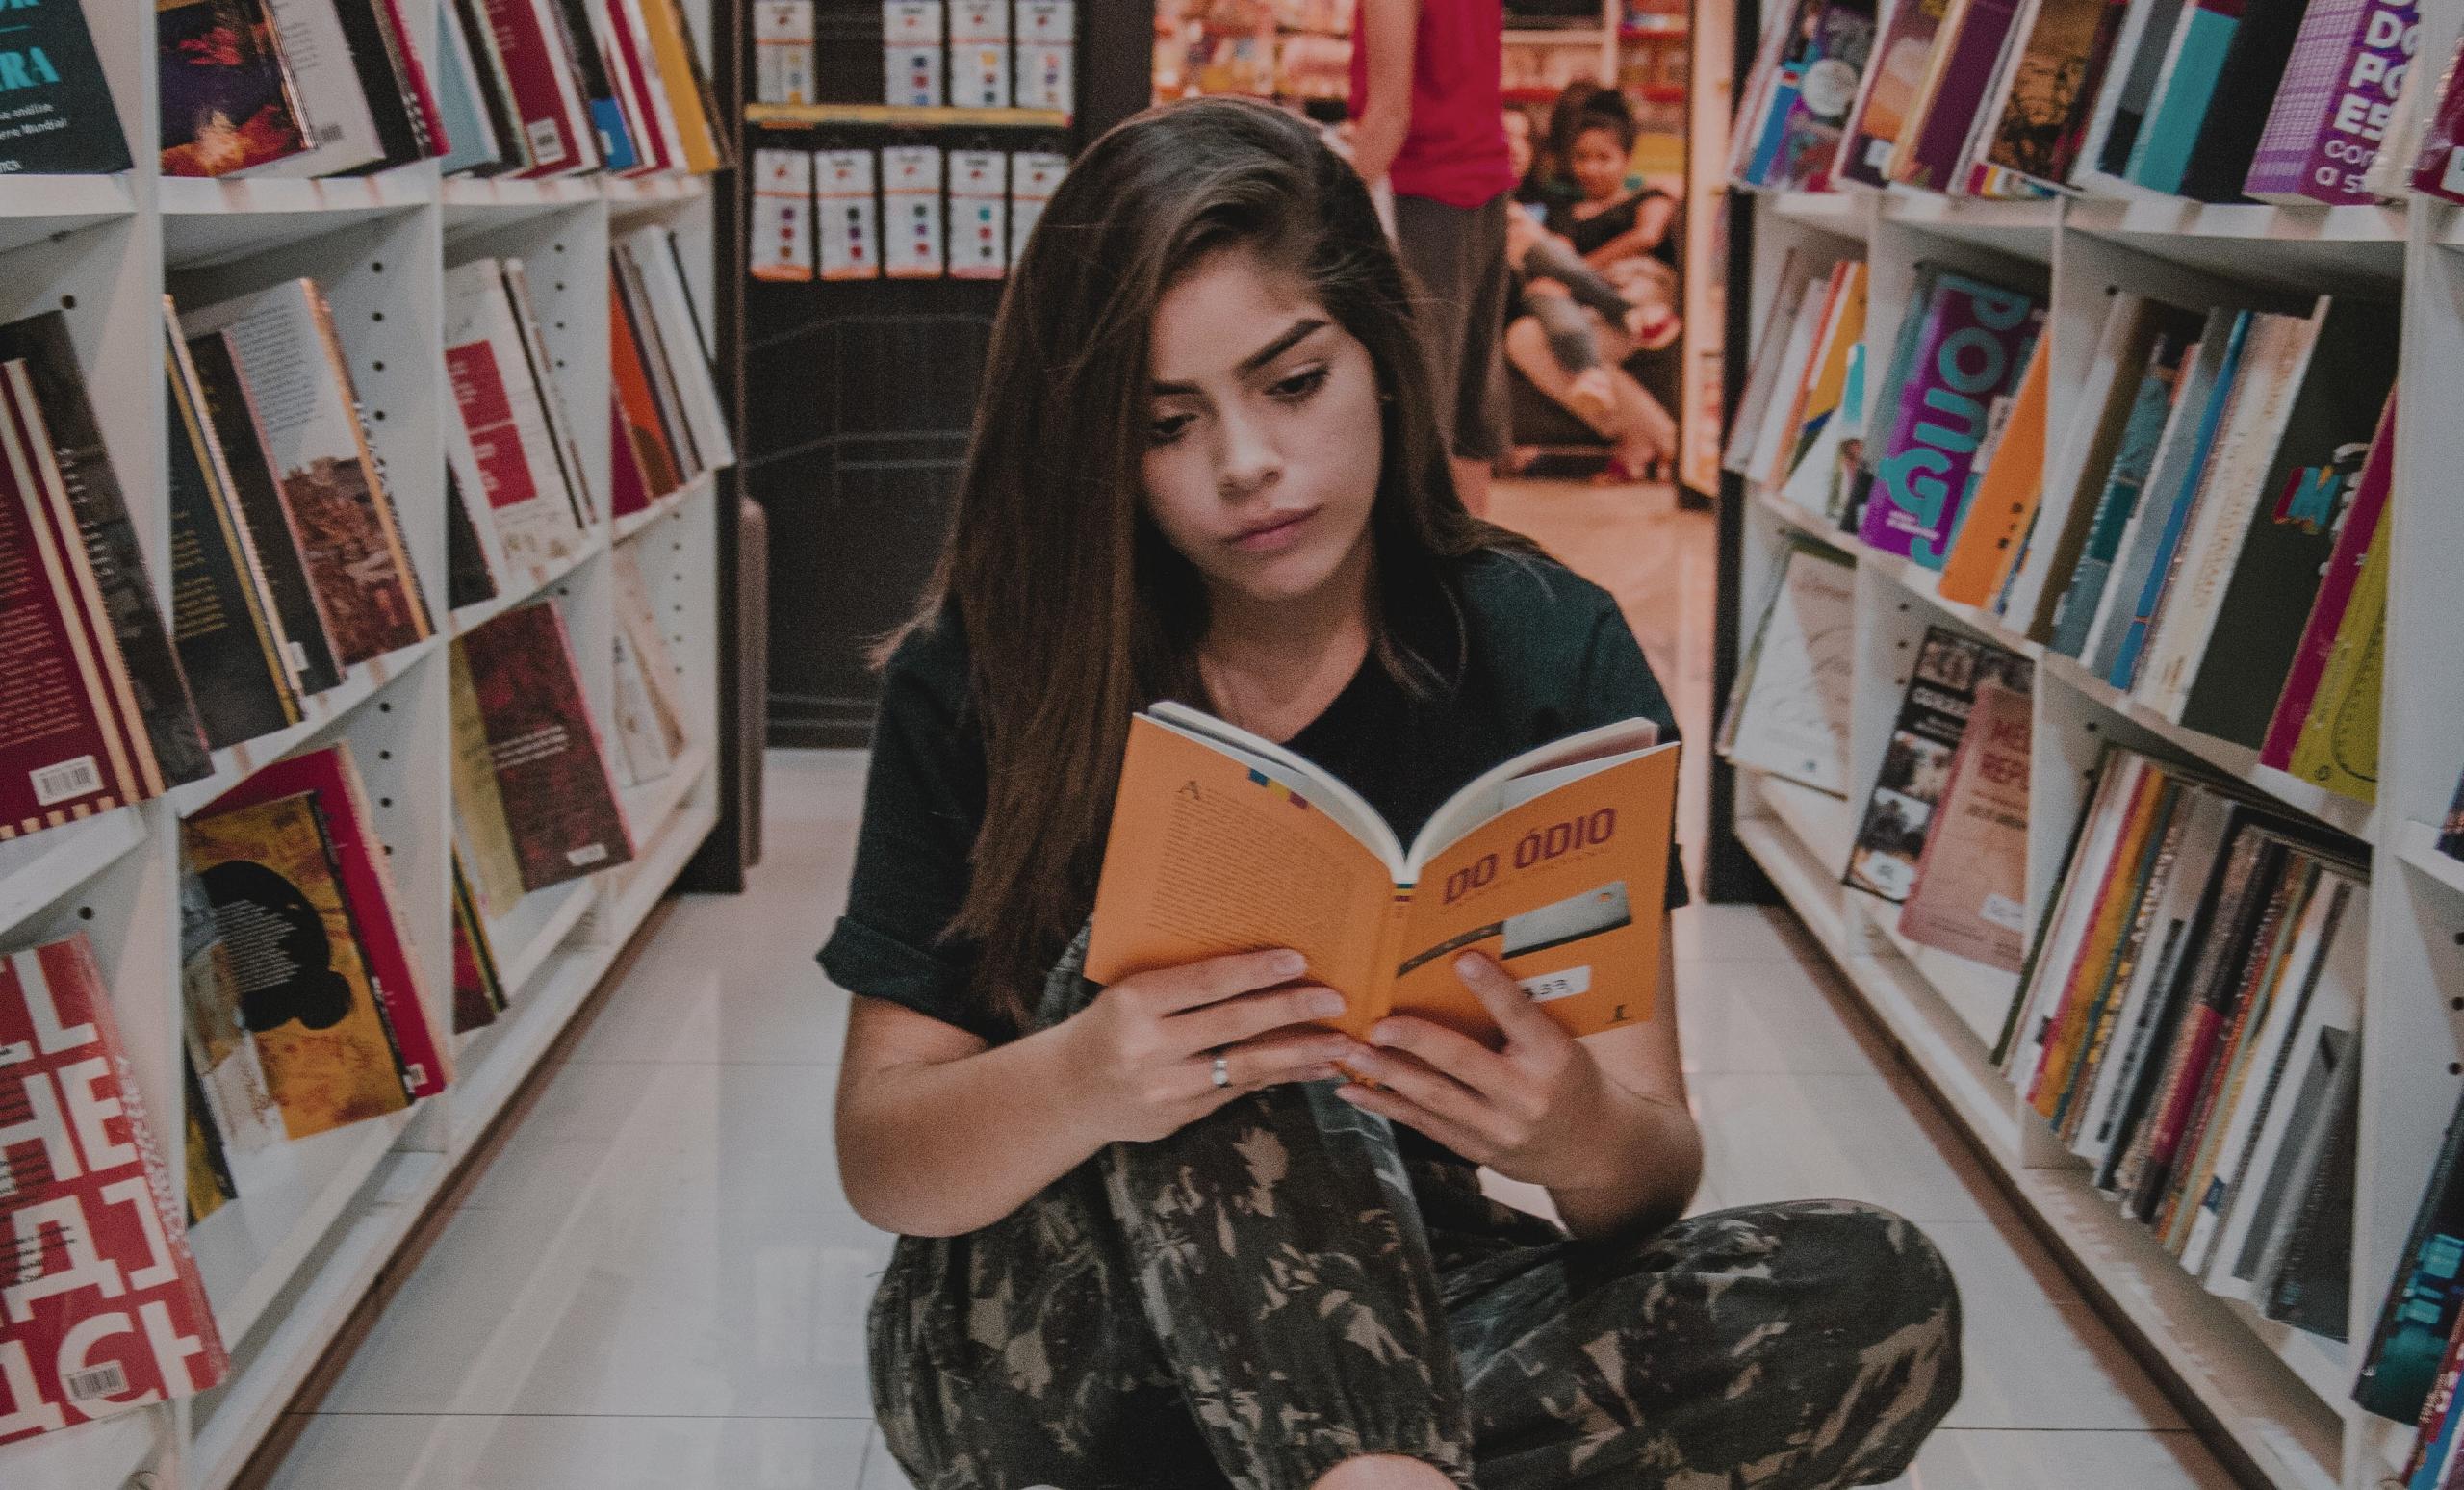 libri per apparire fighi